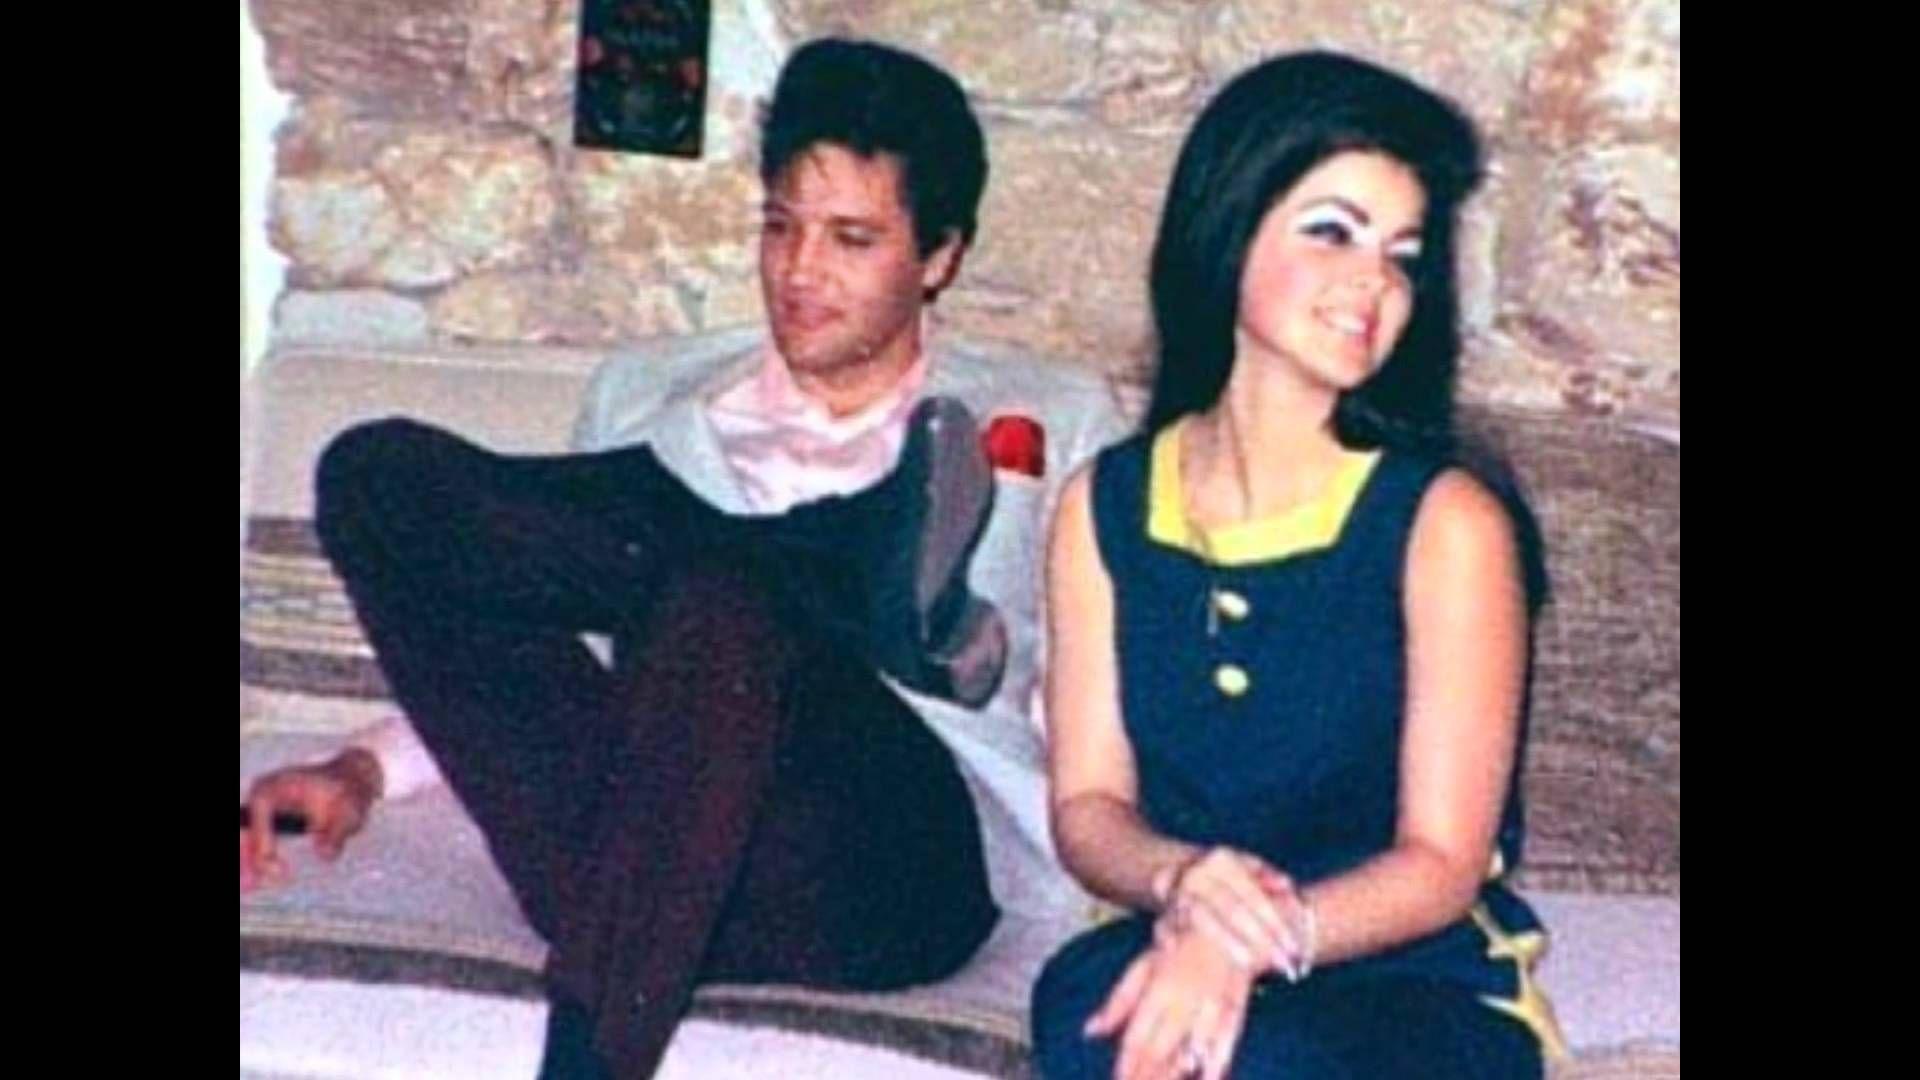 Pin By Maureen On Songs To Remedy Me Elvis Presley Memories Elvis Presley Elvis